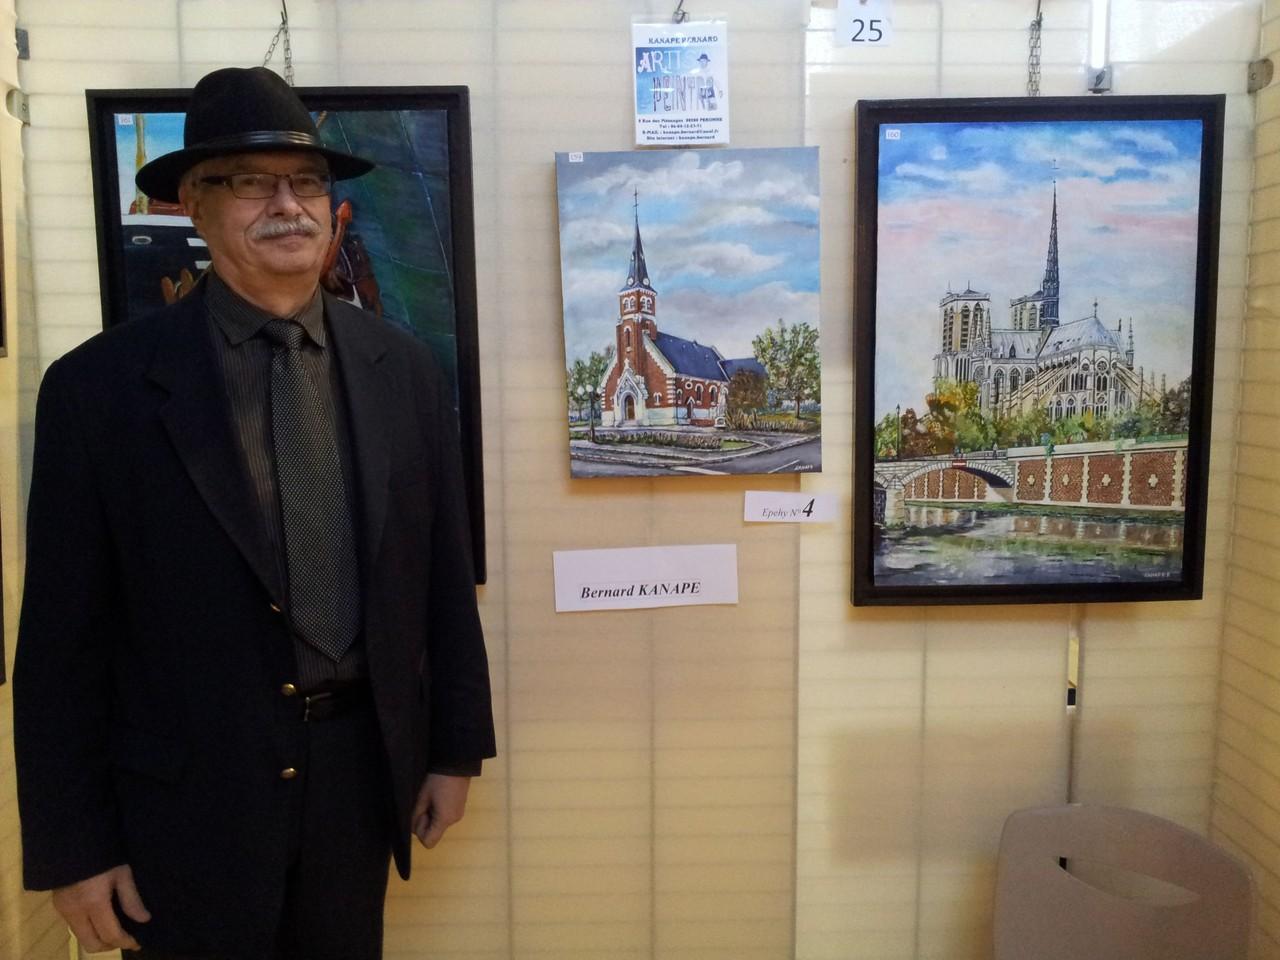 Monsieur Kanape devant la belle église d'Epehy qu'il a réalisée